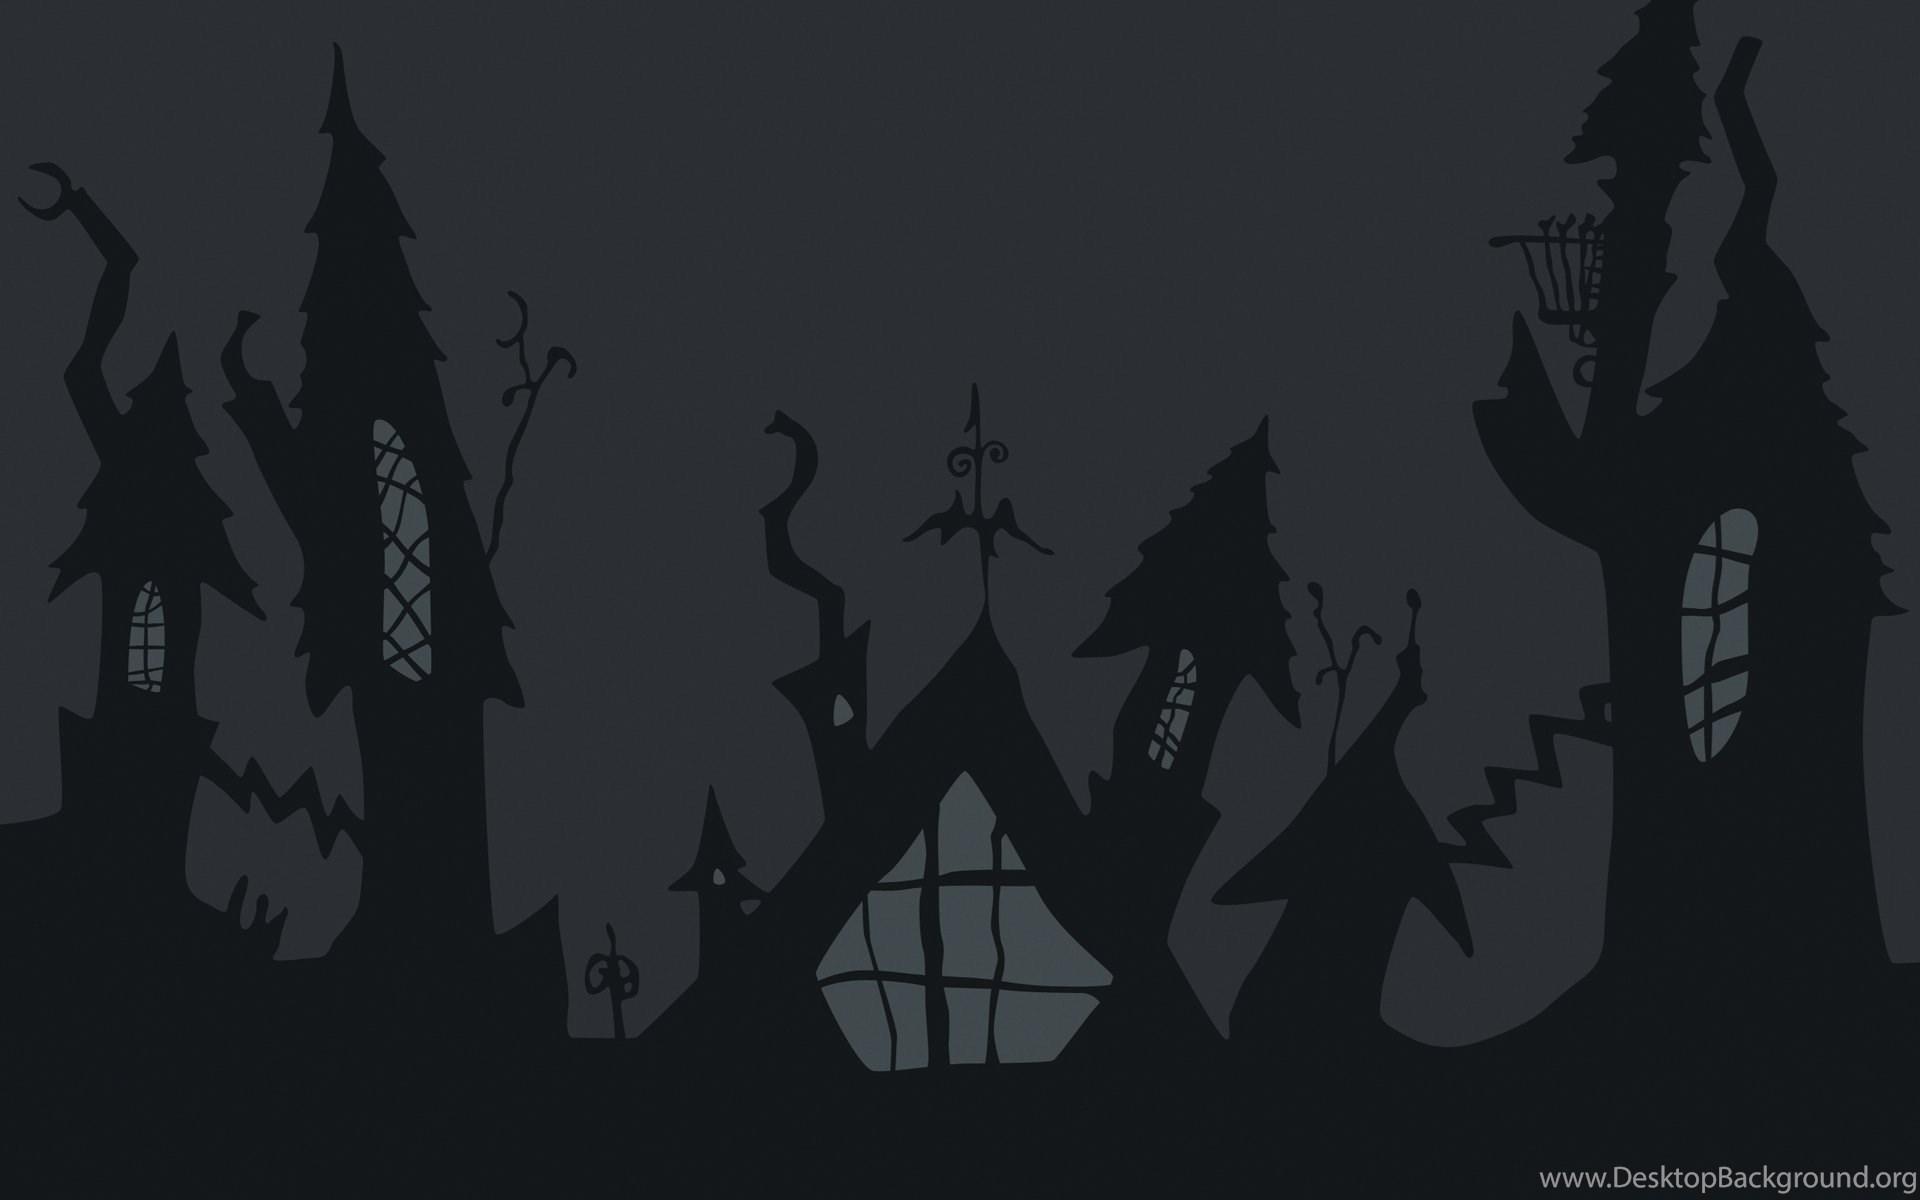 spooky wallpaper free